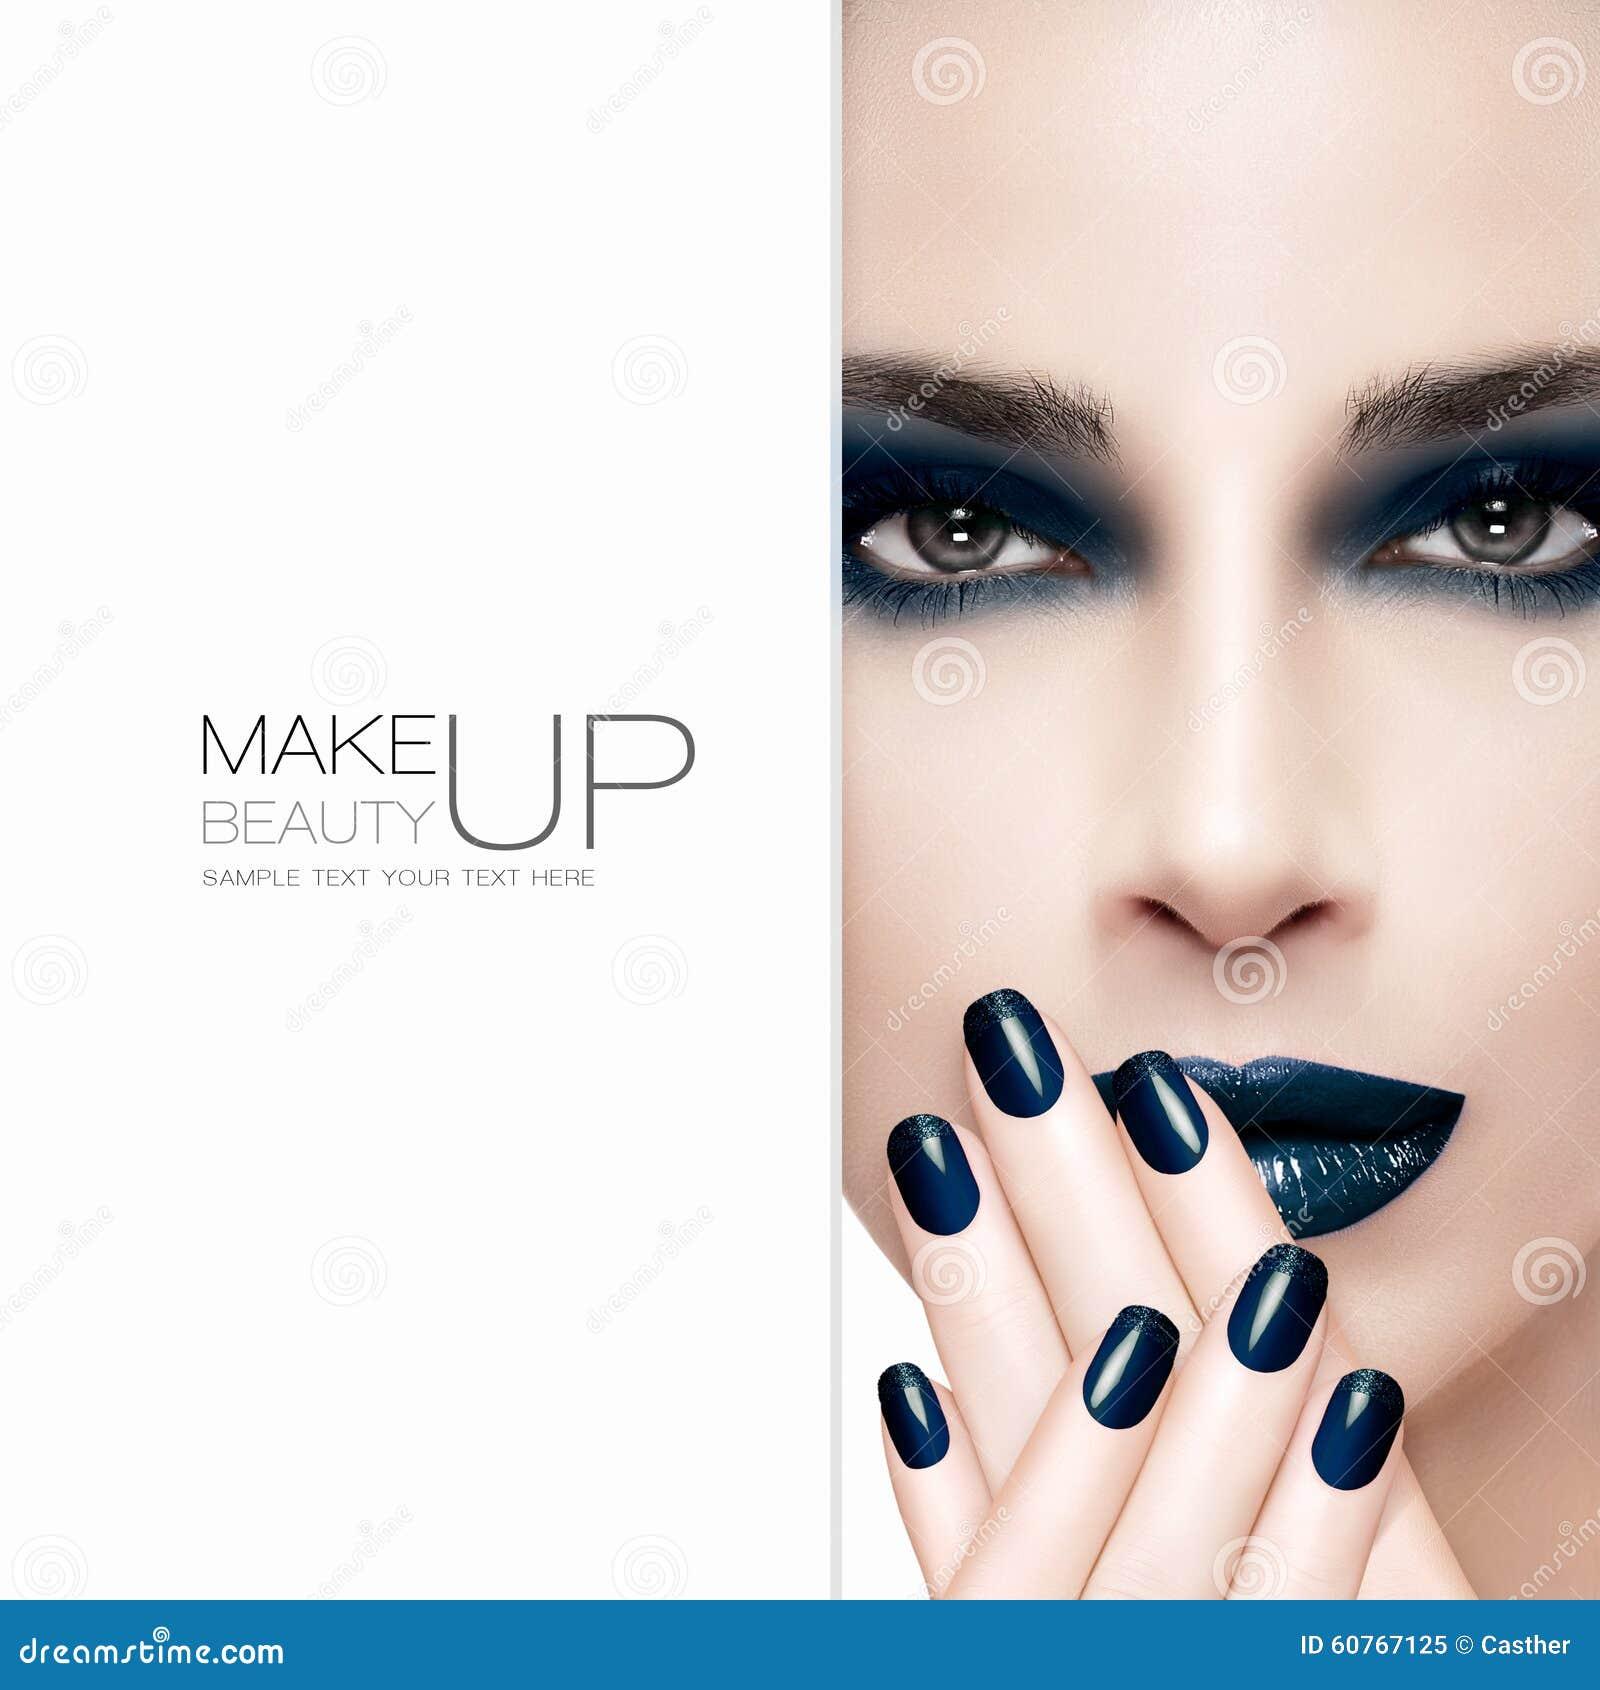 Πανέμορφο πρότυπο μόδας ομορφιάς Τέχνη και makeup έννοια καρφιών